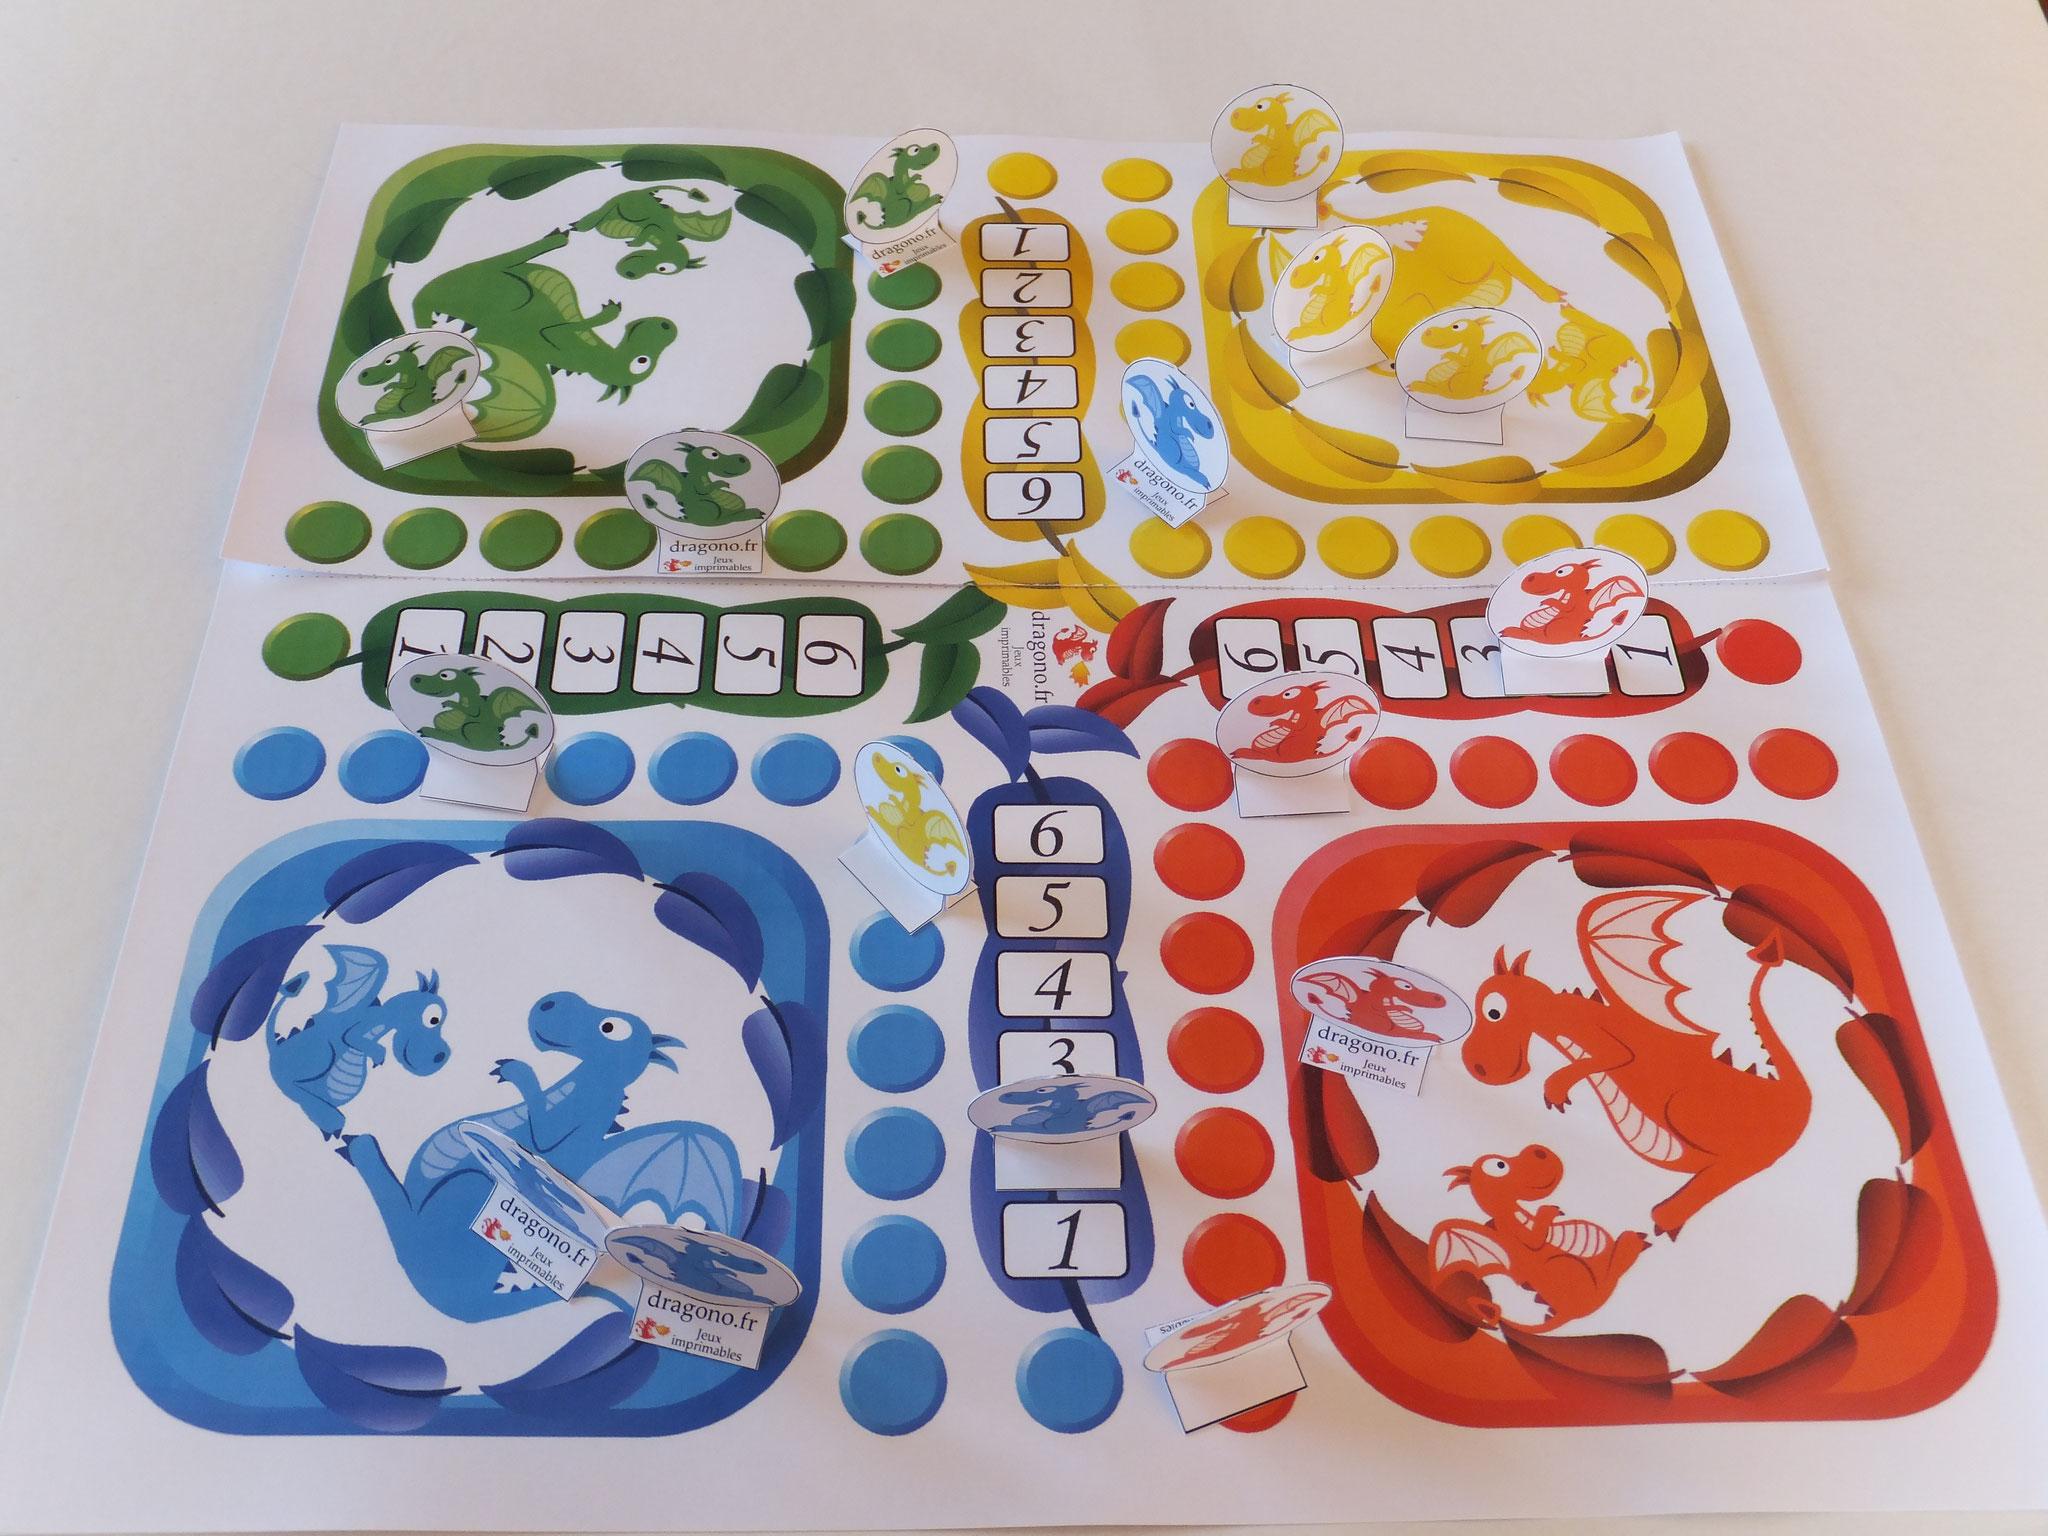 Jeux A Imprimer Pour Enfants, Famille, Ludiques, Éducatifs tout Jeux Des Differences Gratuit A Imprimer